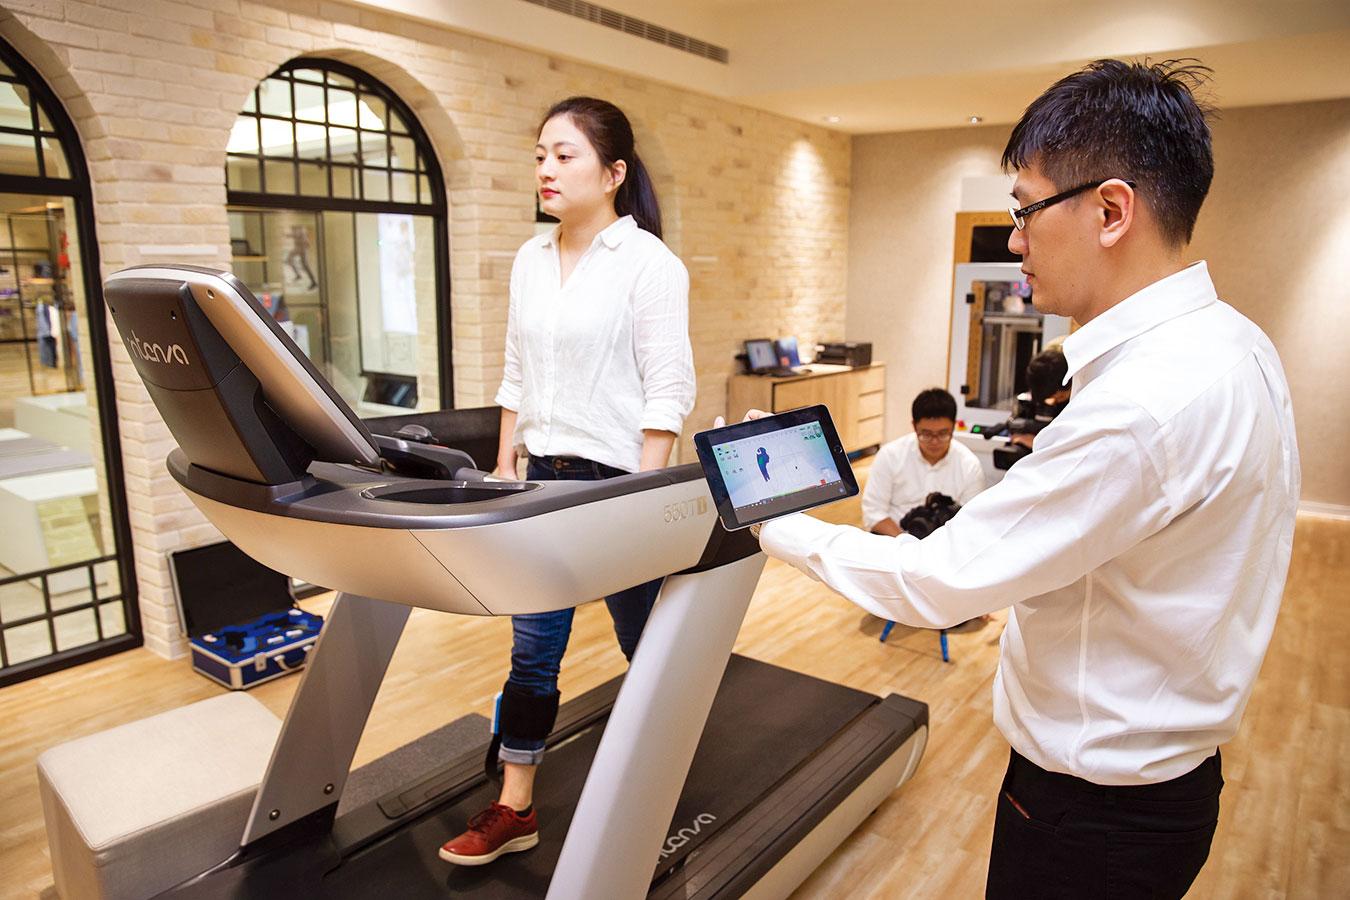 台灣鞋業品牌與醫學中心合作,以全方位科技量腳系統帶來客製化的新服務體驗。(大紀元)